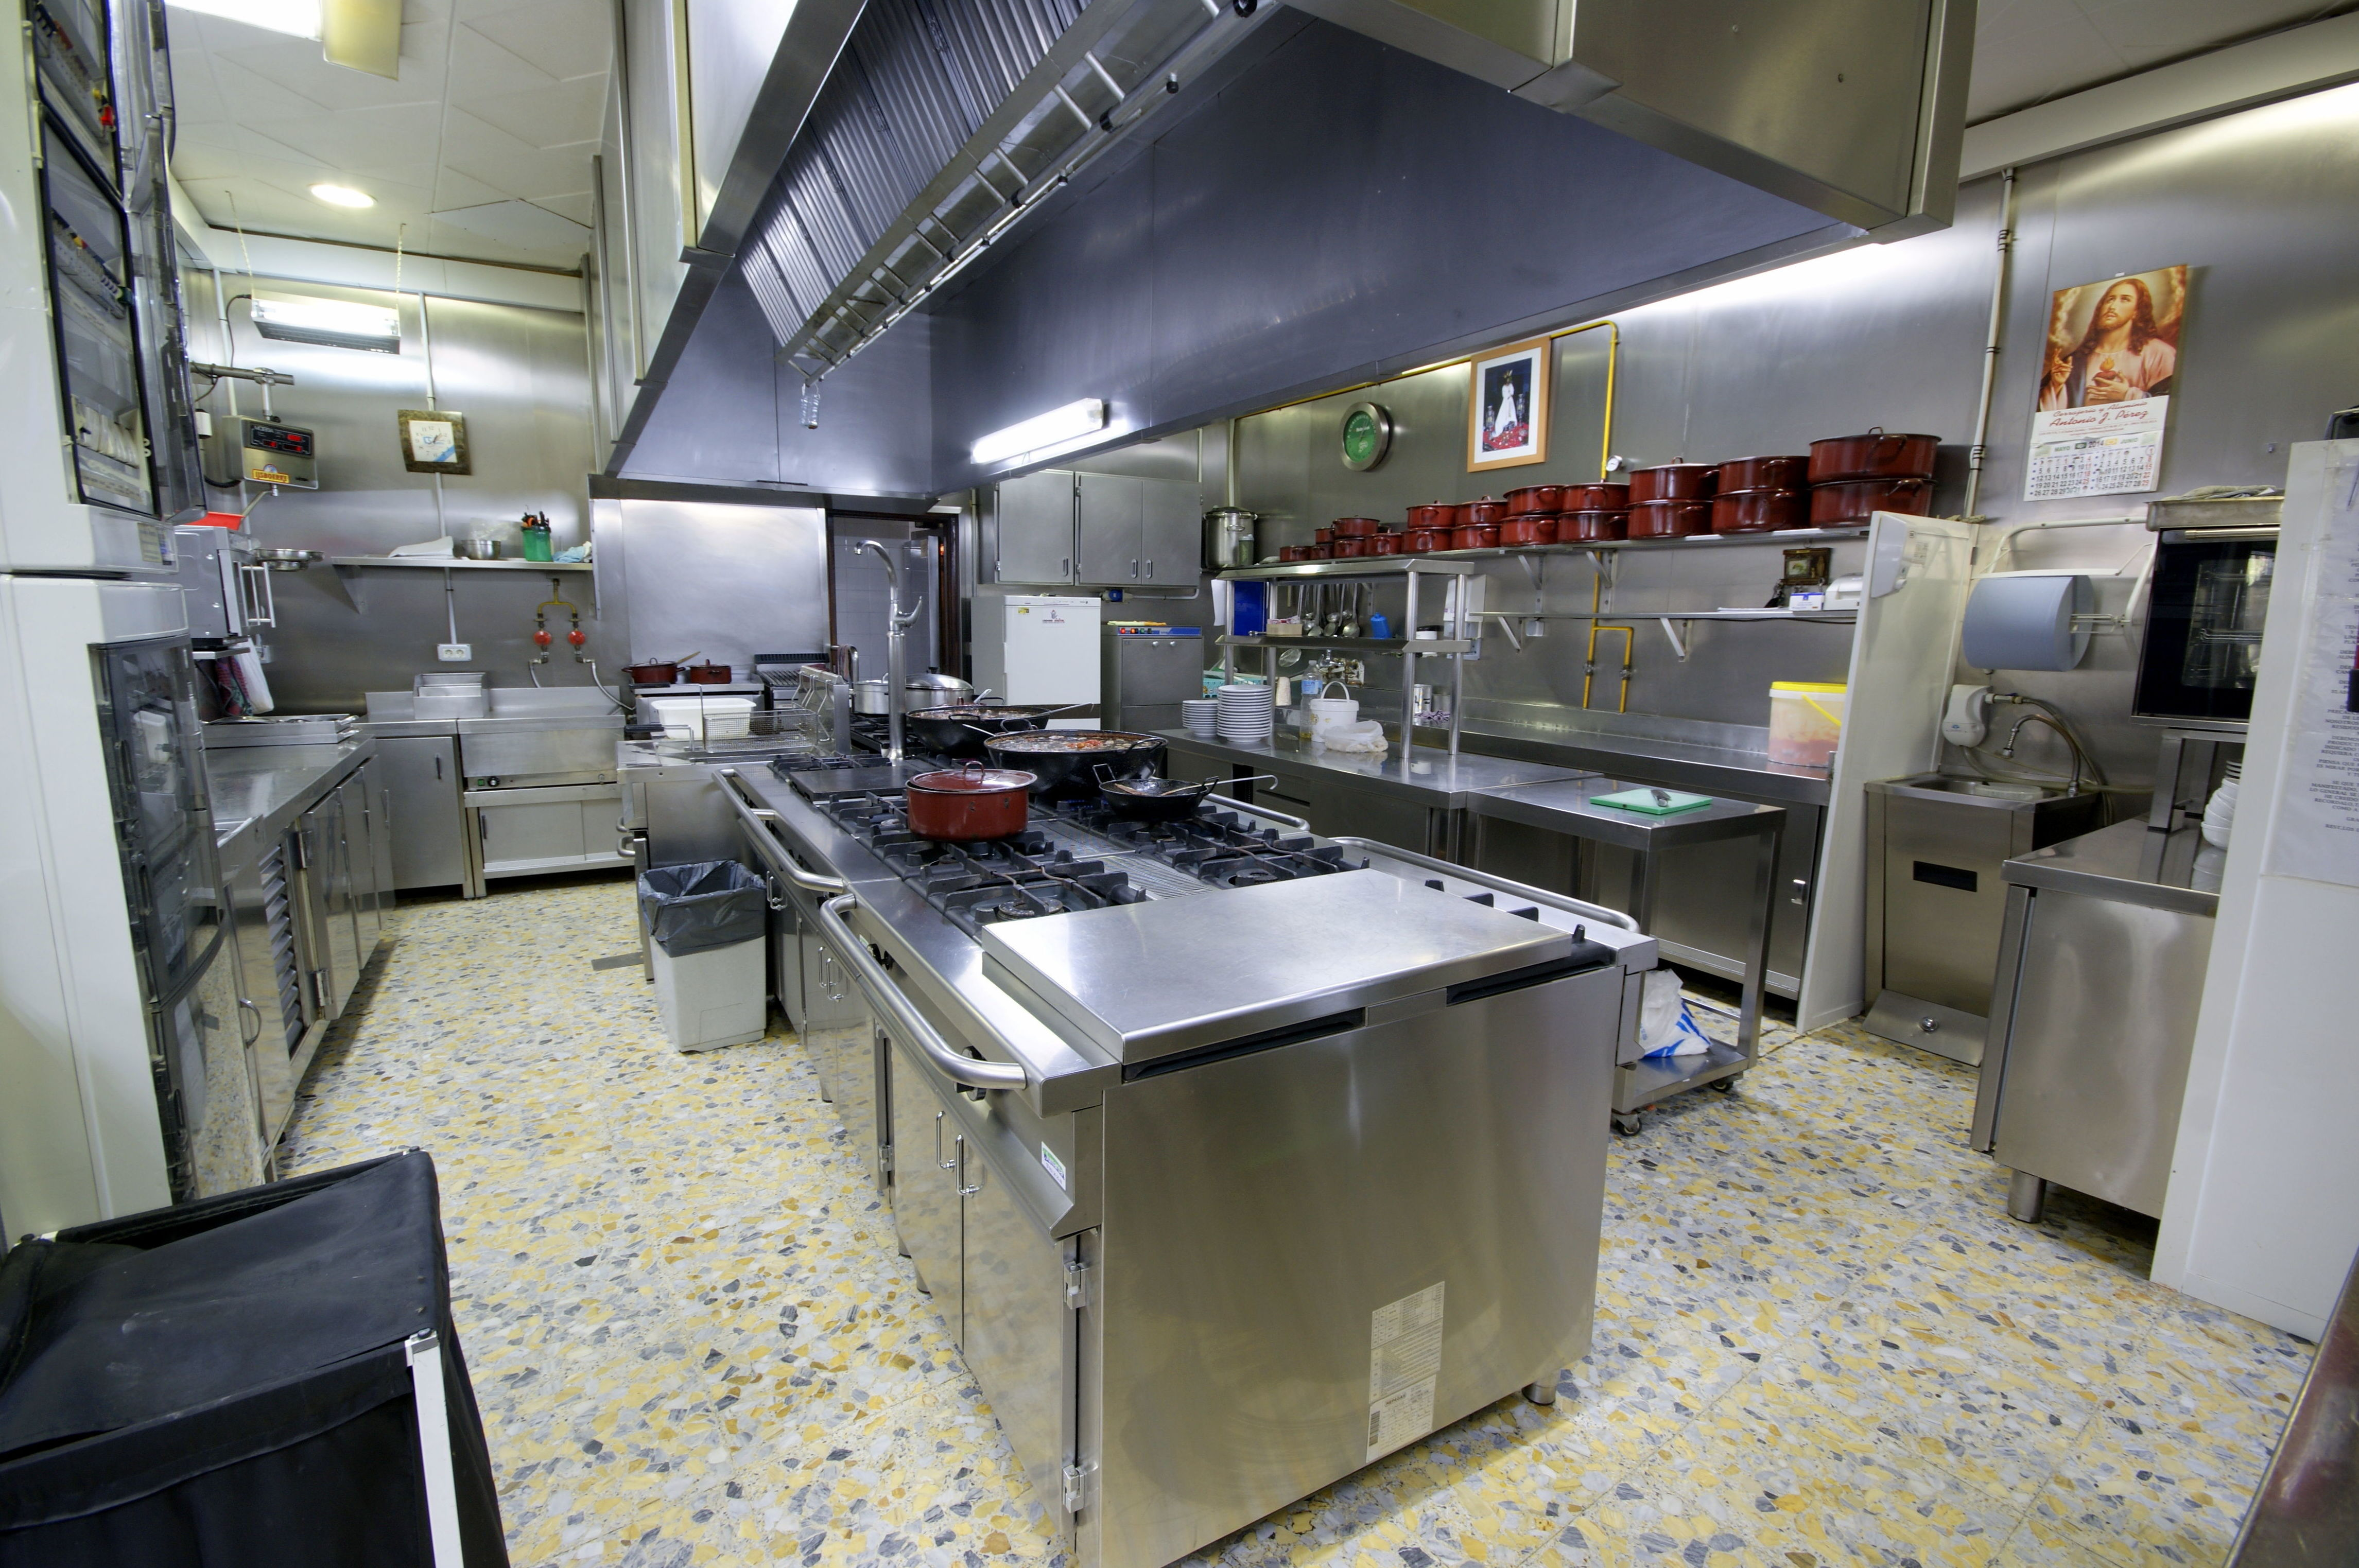 Restaurante familiar con cocina casera